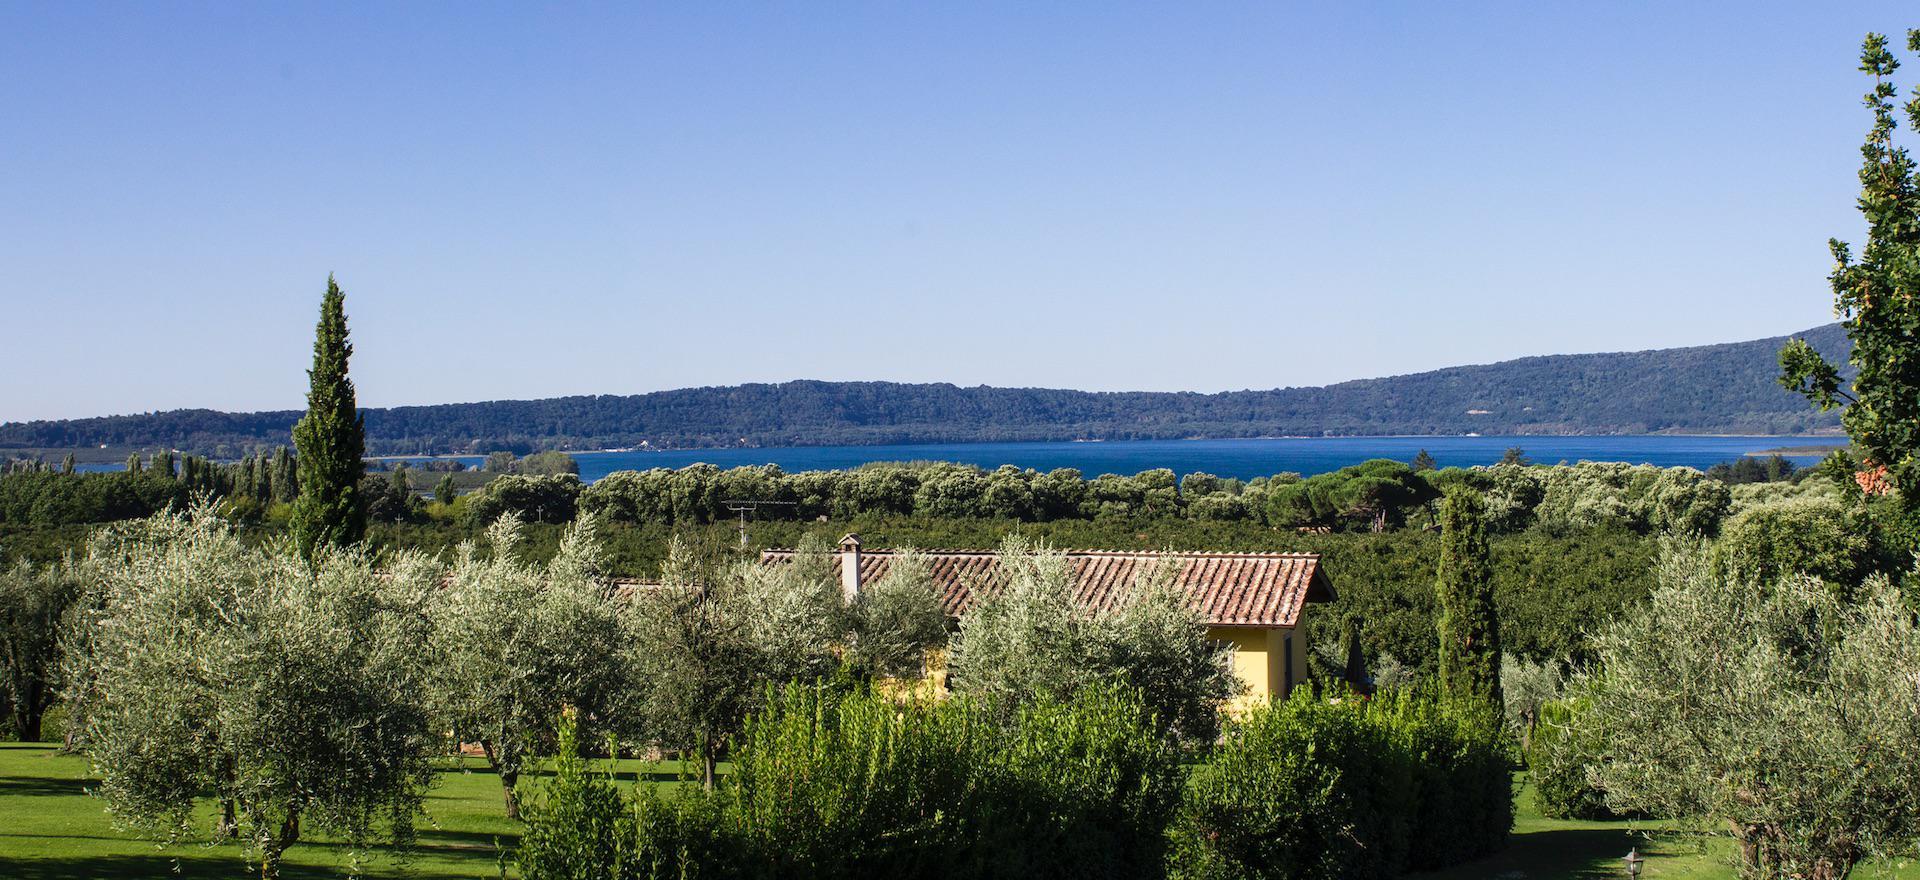 Agriturismo Umbria Agriturismo vicino a un lago ed ora da Roma